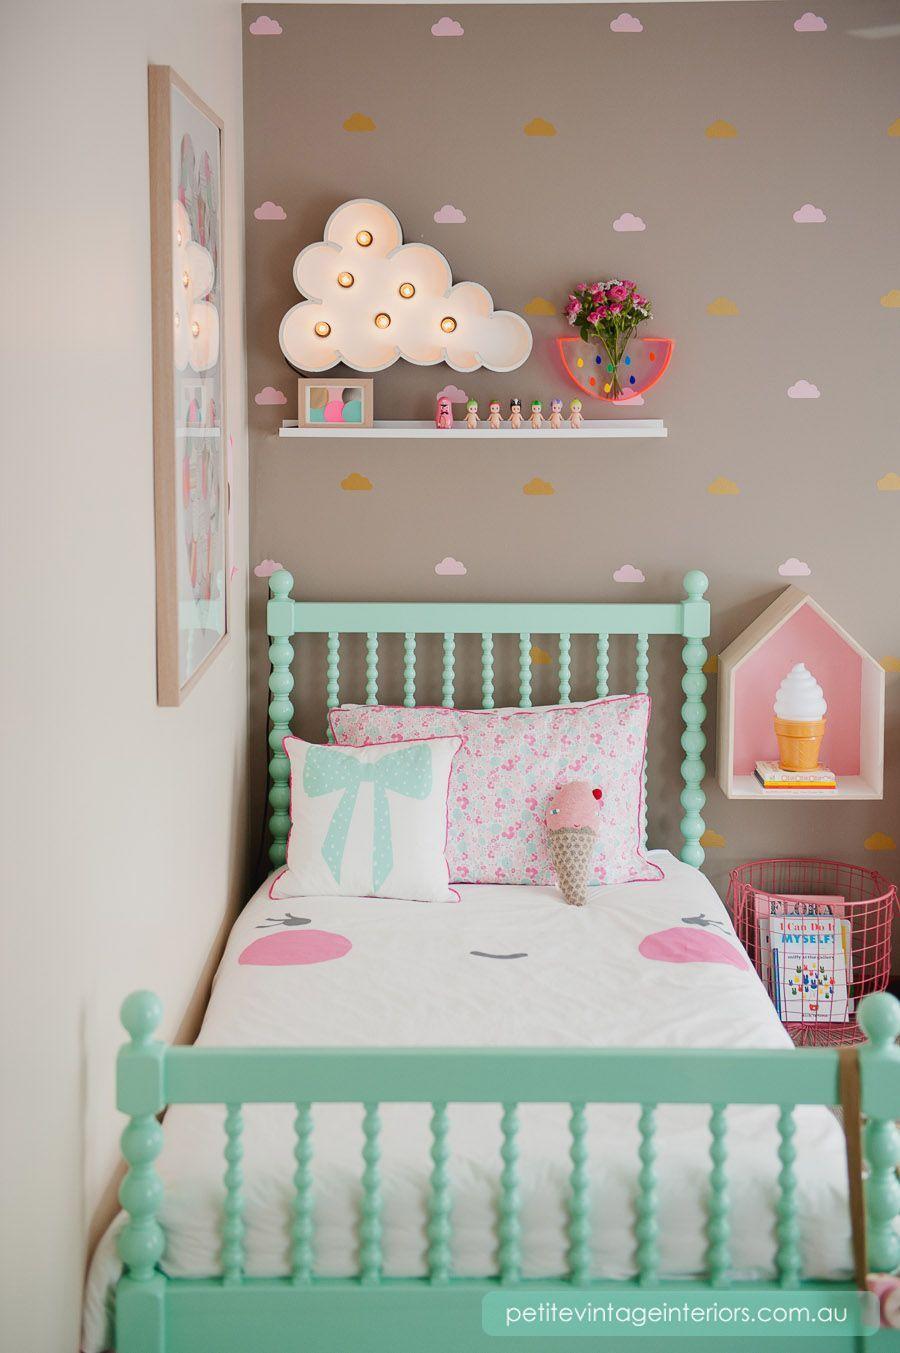 Decora o para quarto infantil ideias fofas e divertidas for Cute bedroom ideas for toddlers